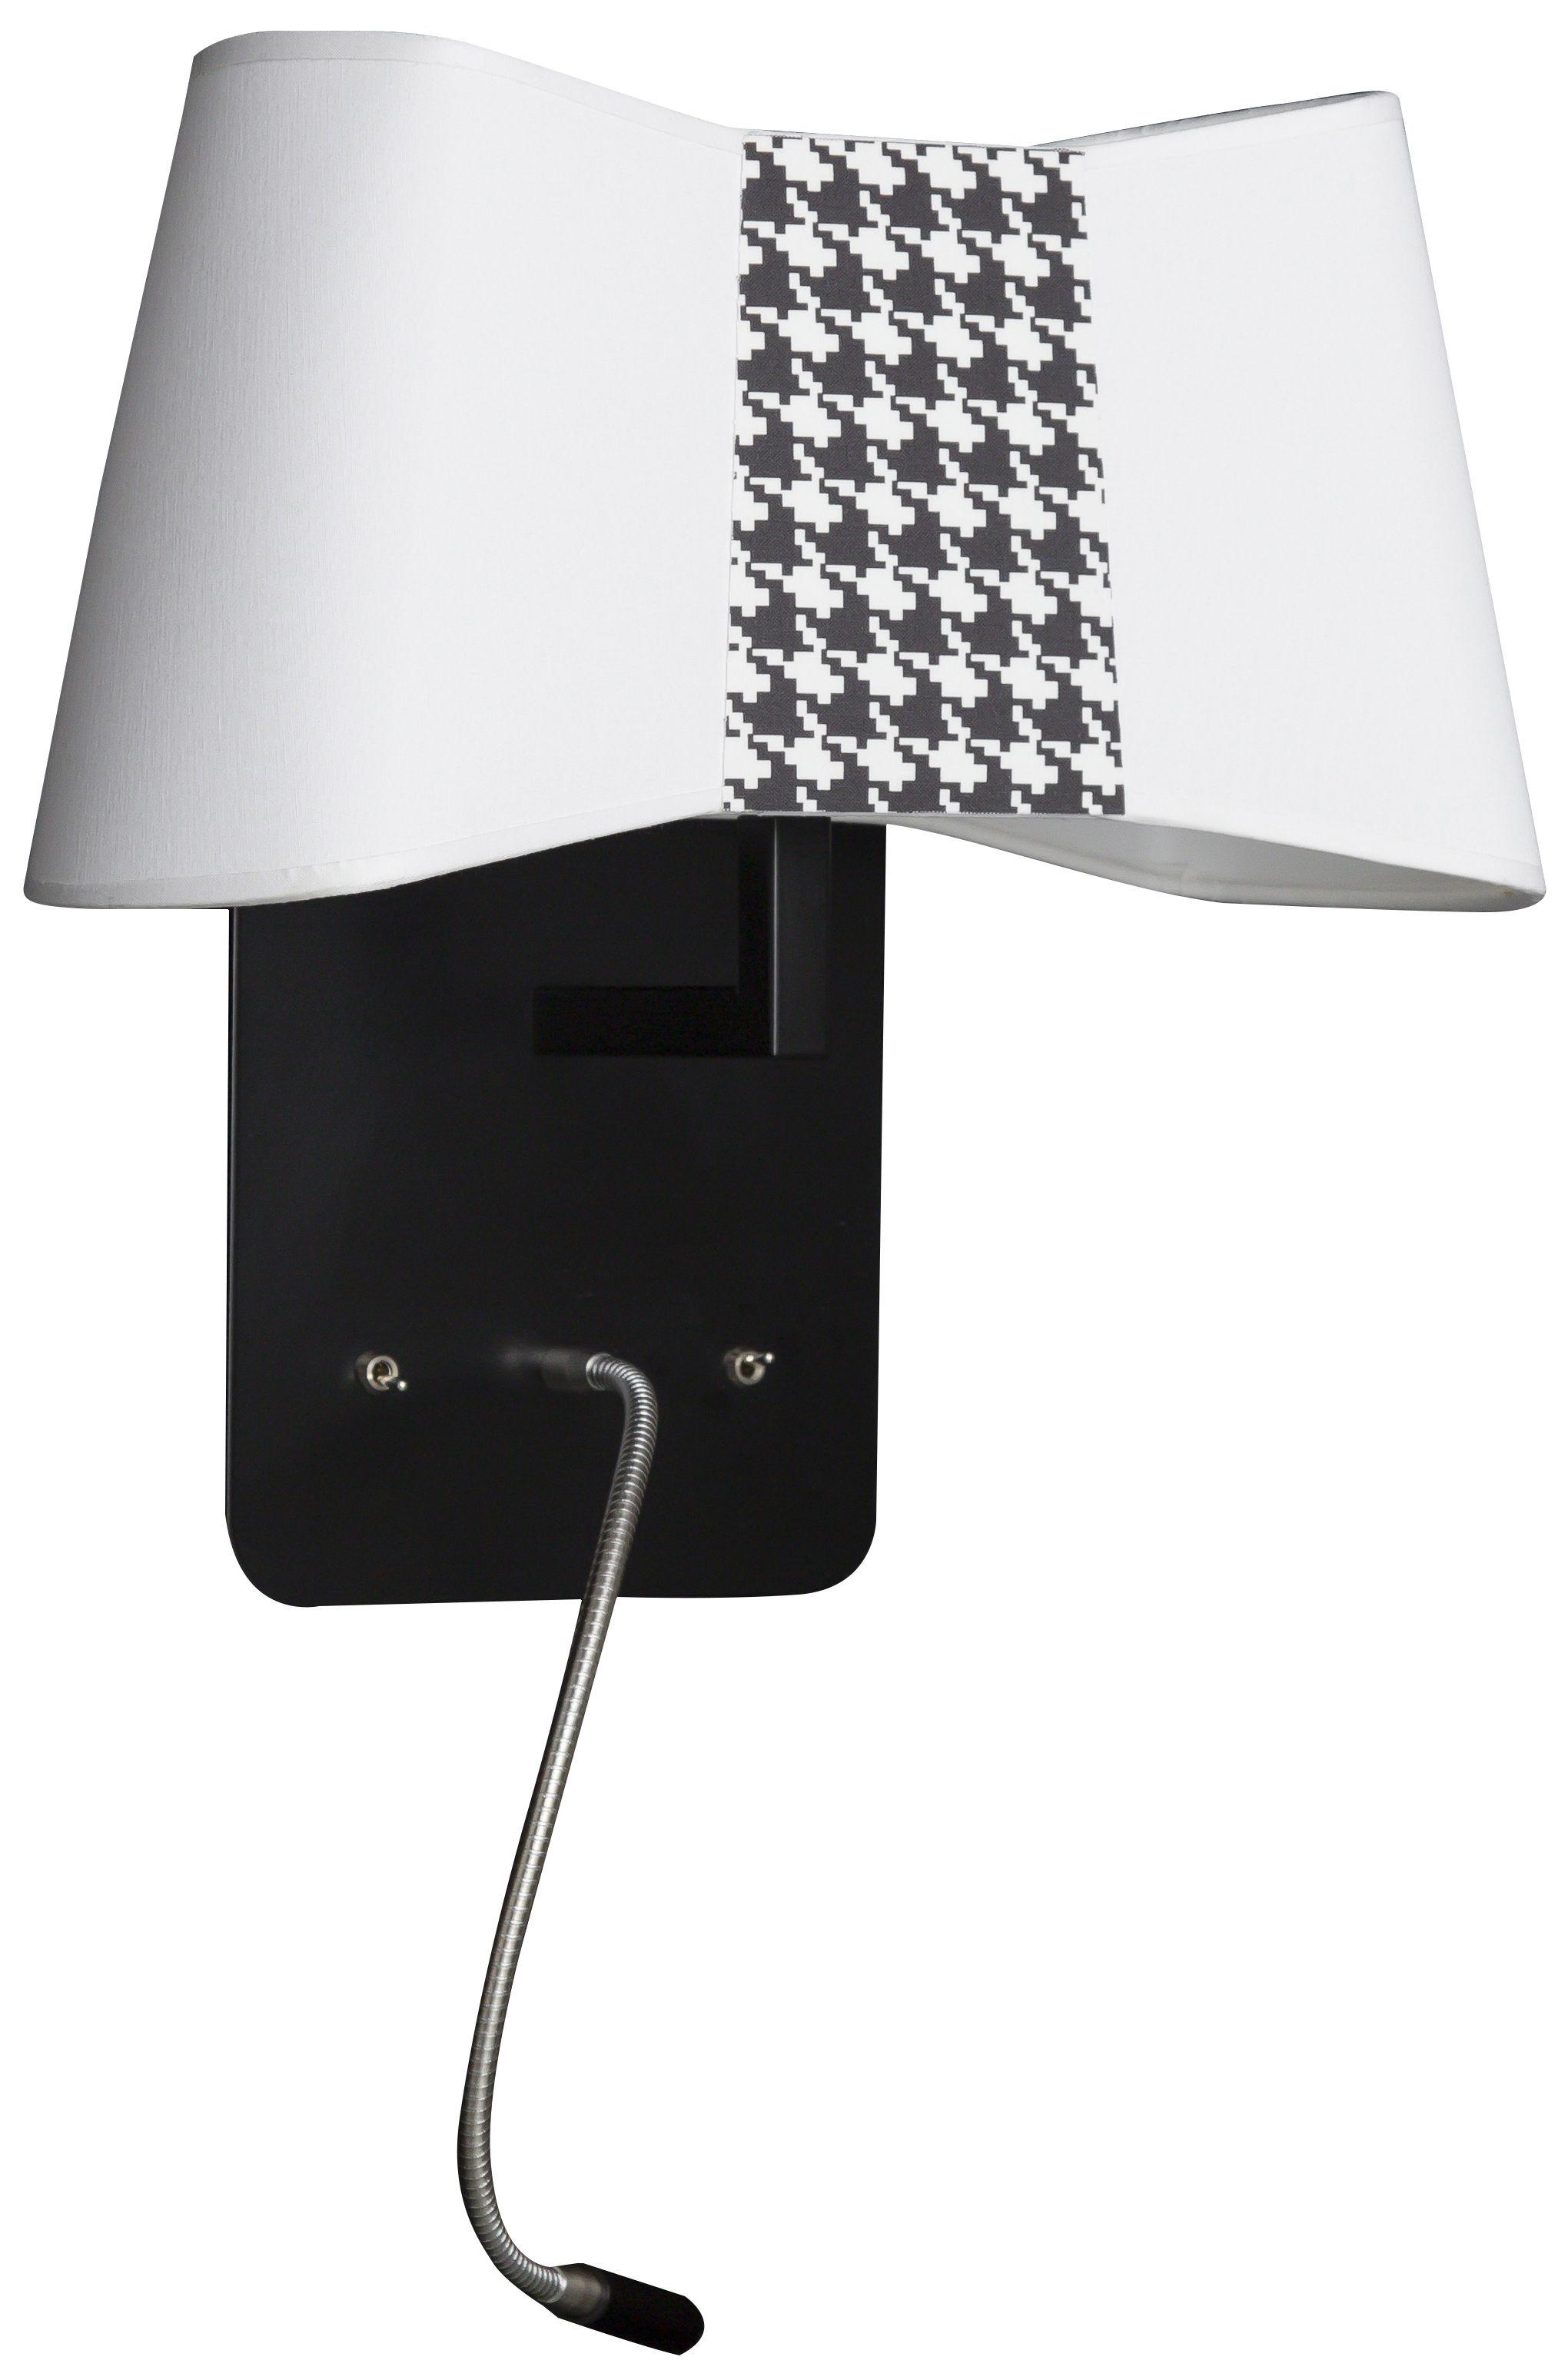 applique petit couture avec liseuse articul e led blanc. Black Bedroom Furniture Sets. Home Design Ideas